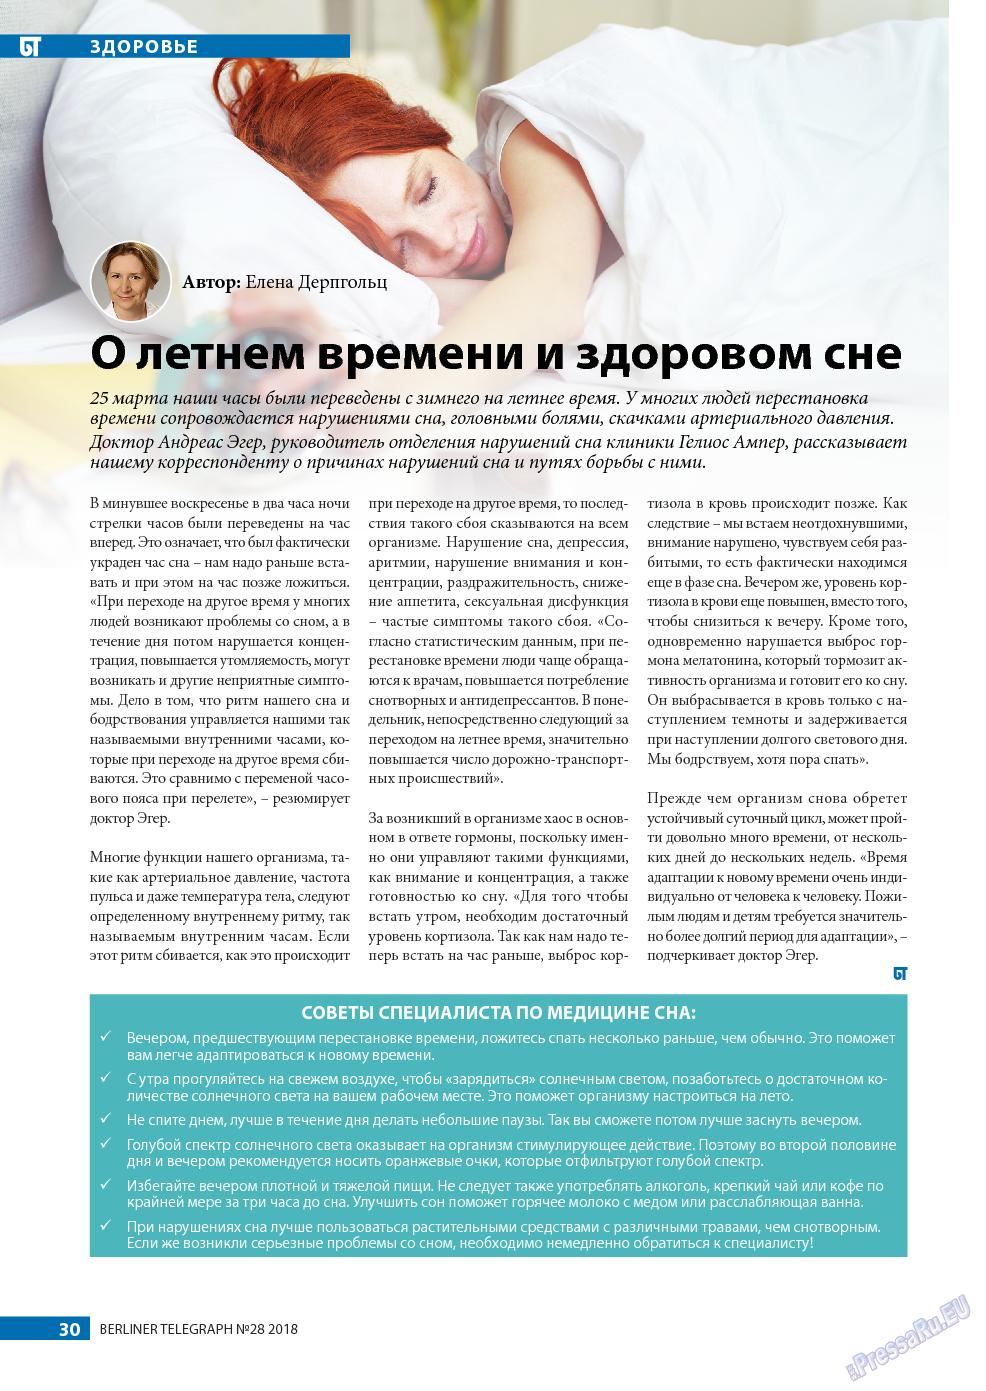 Берлинский телеграф (журнал). 2018 год, номер 28, стр. 30